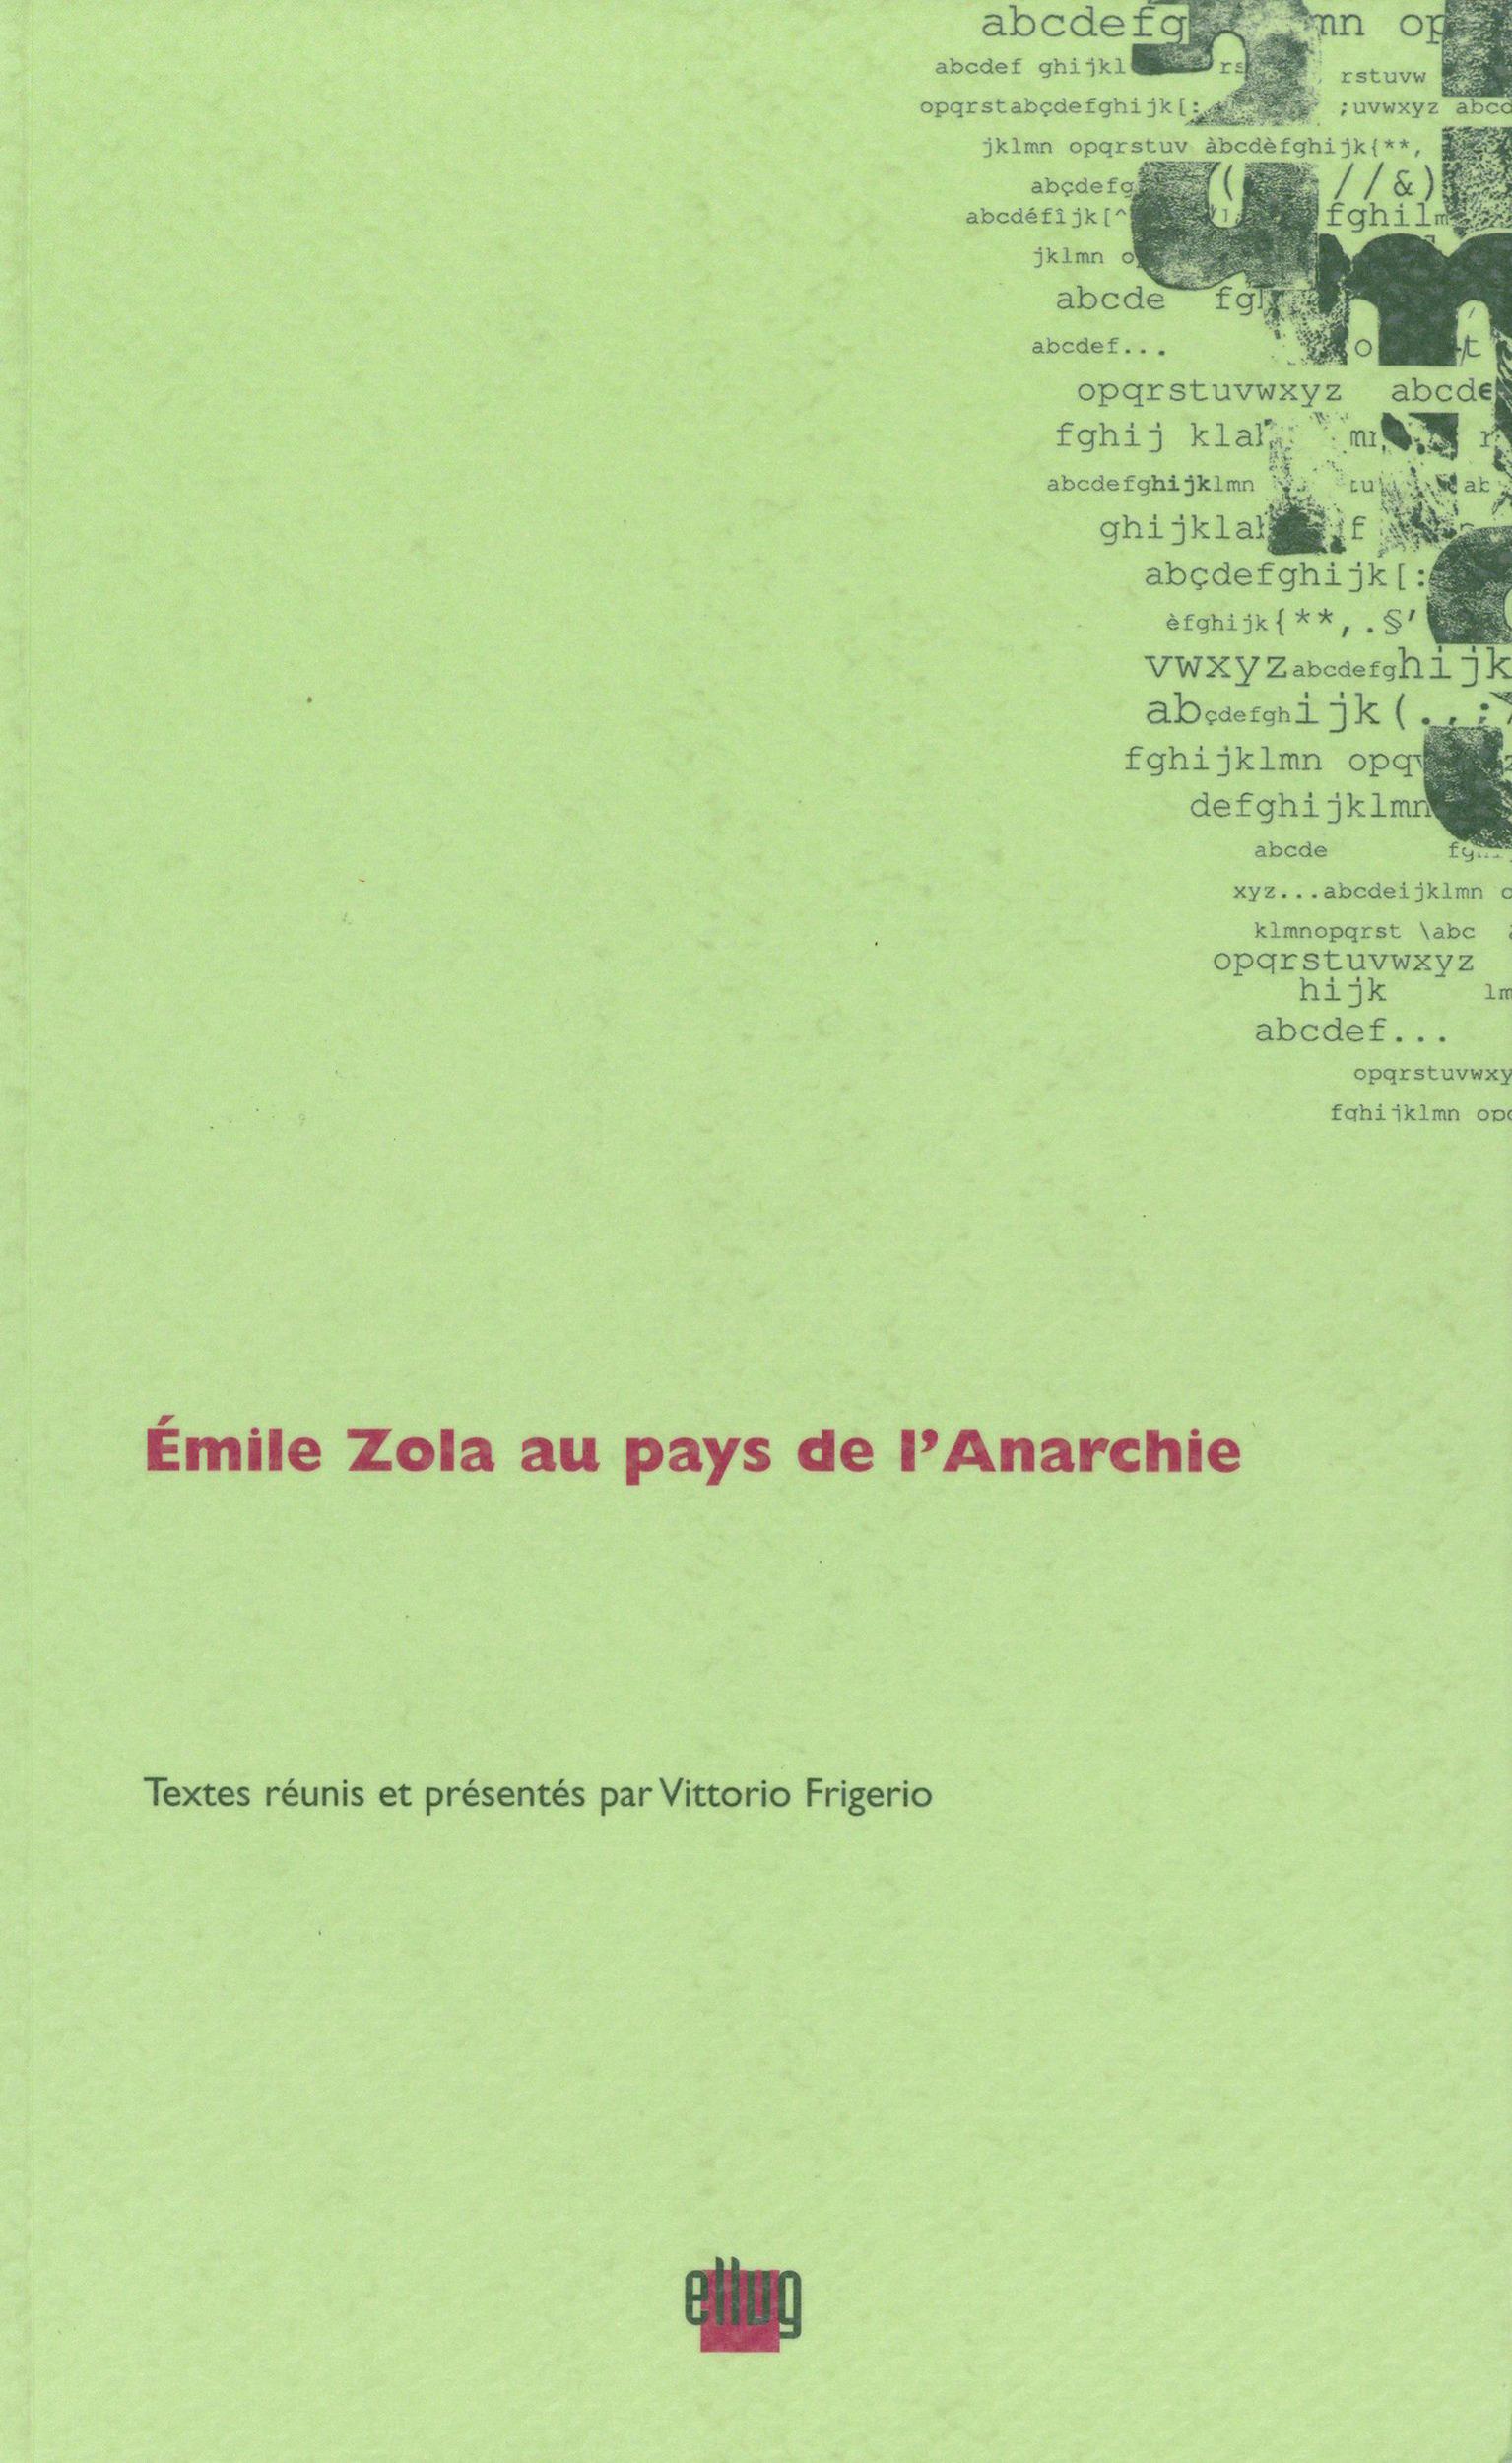 Émile Zola au pays de l'Anarchie  - Vittorio Frigerio